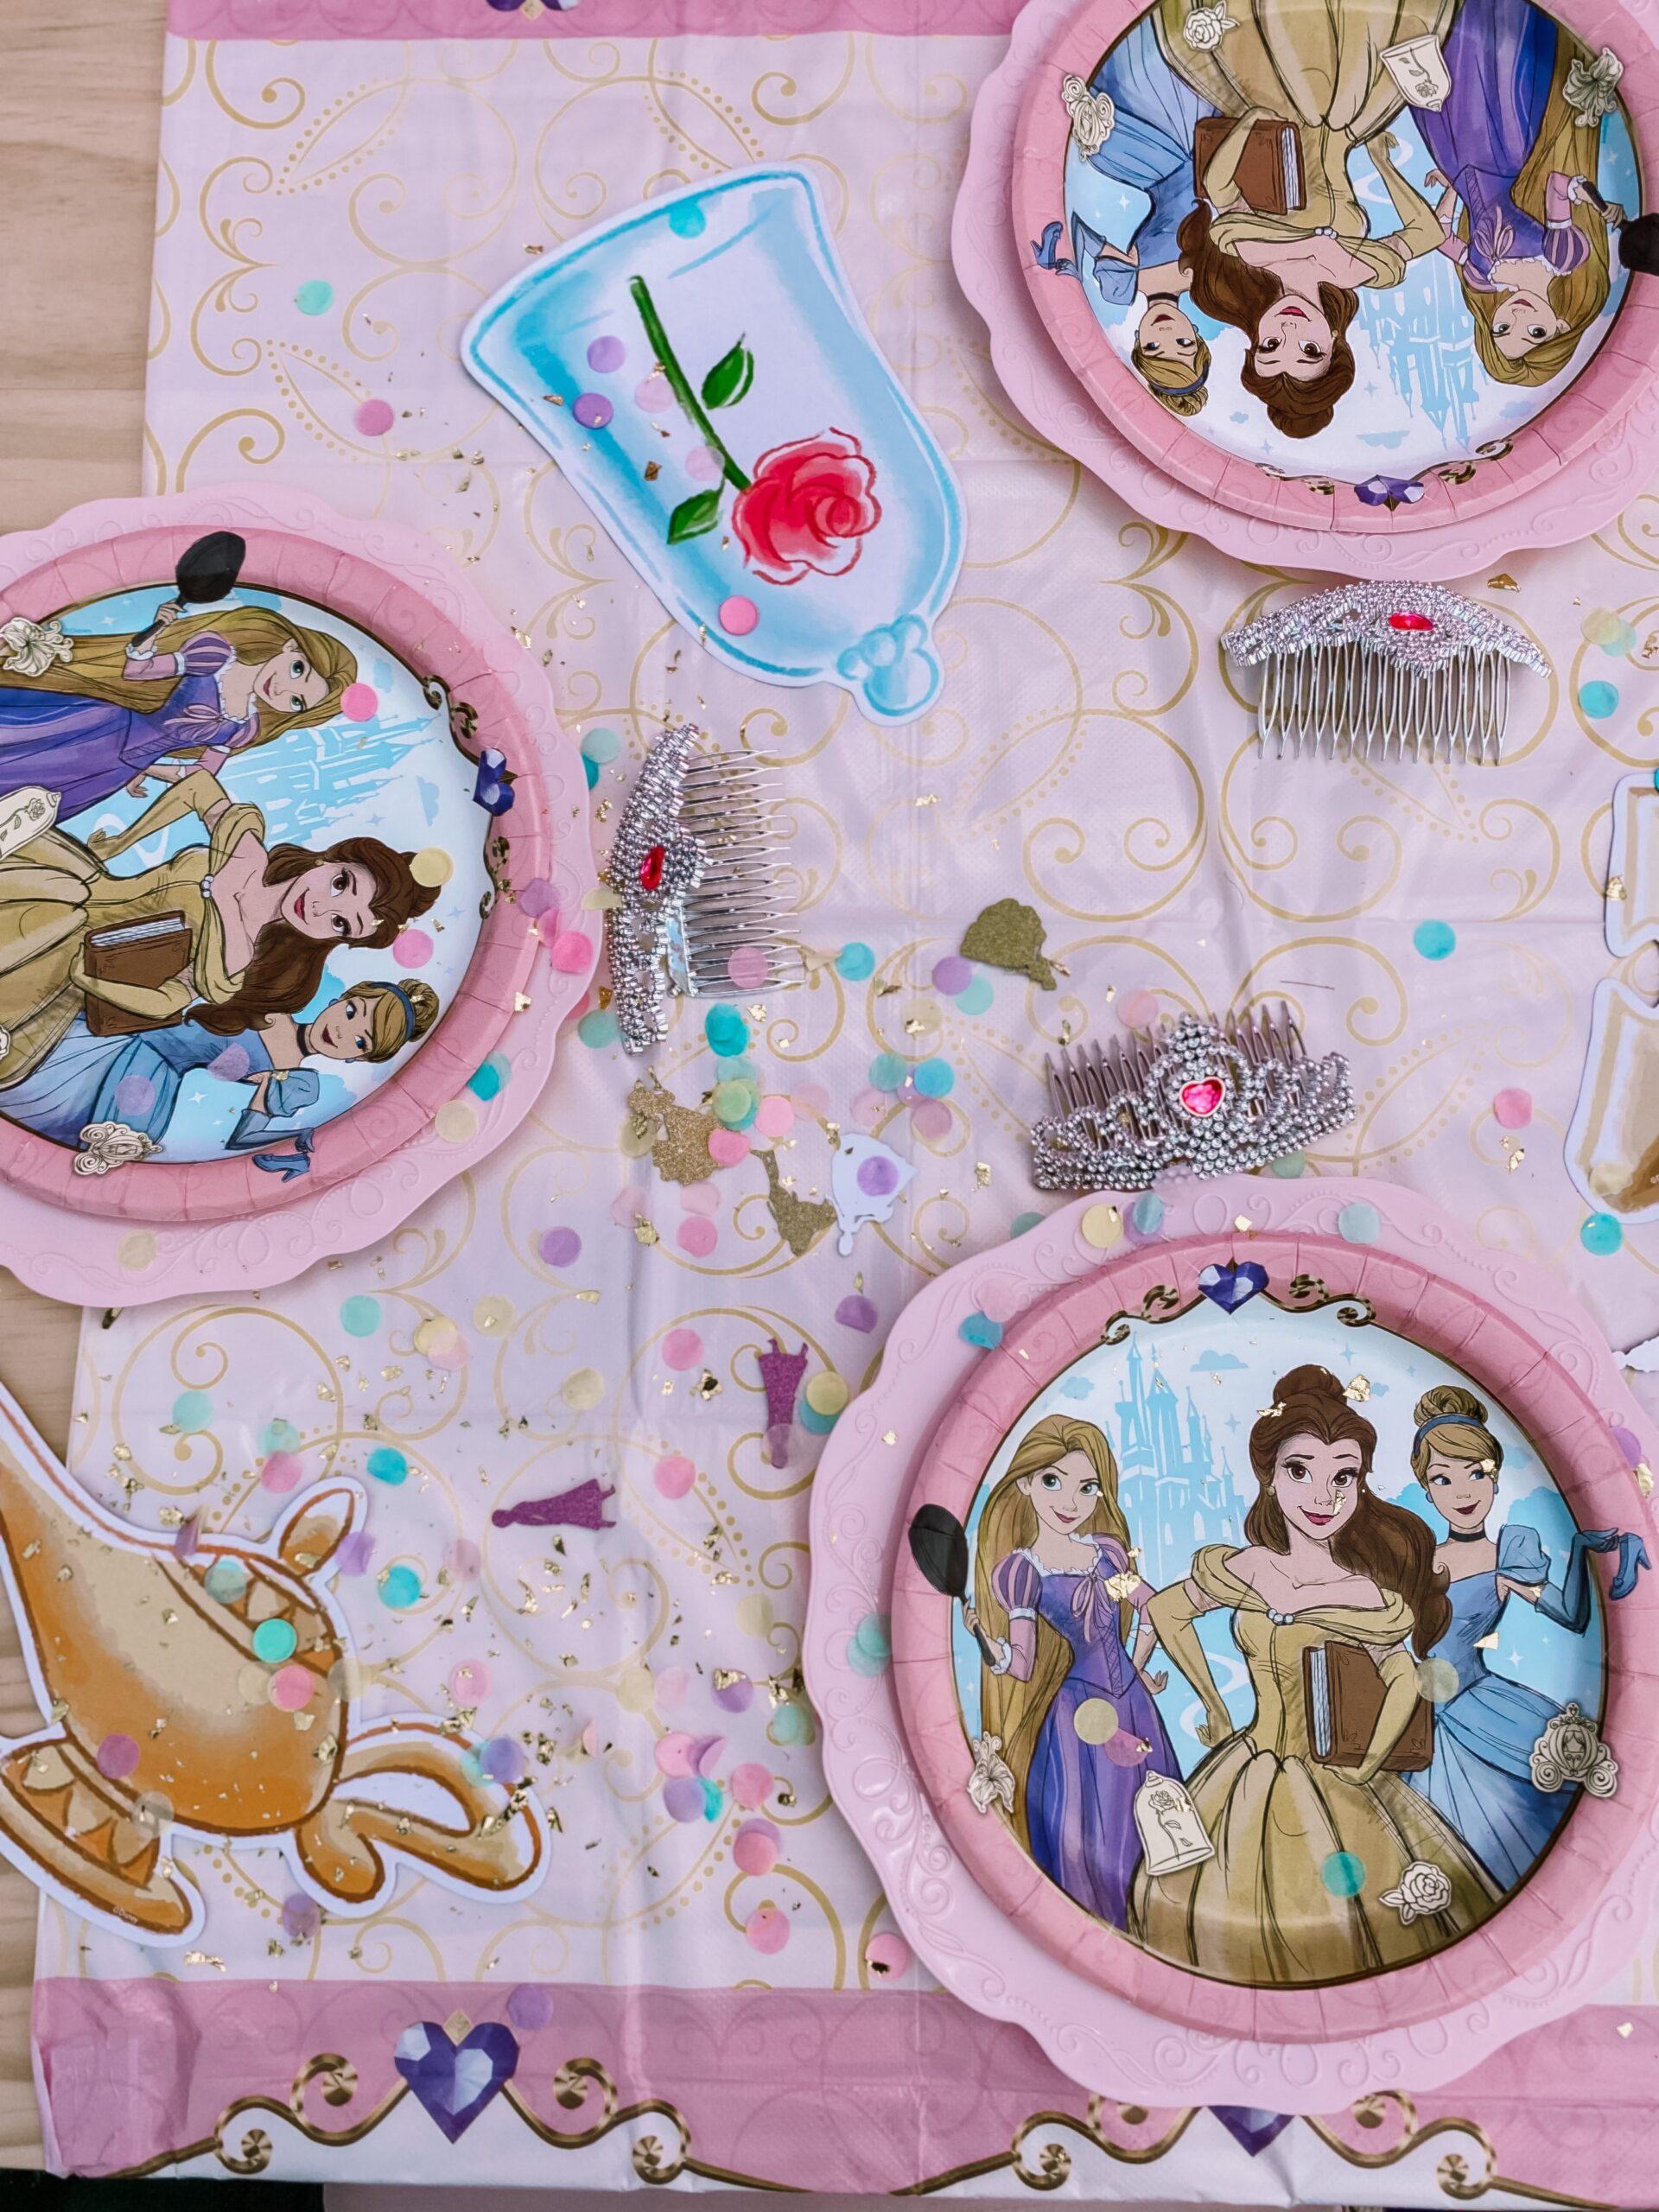 Disney Princess Party Tablescape